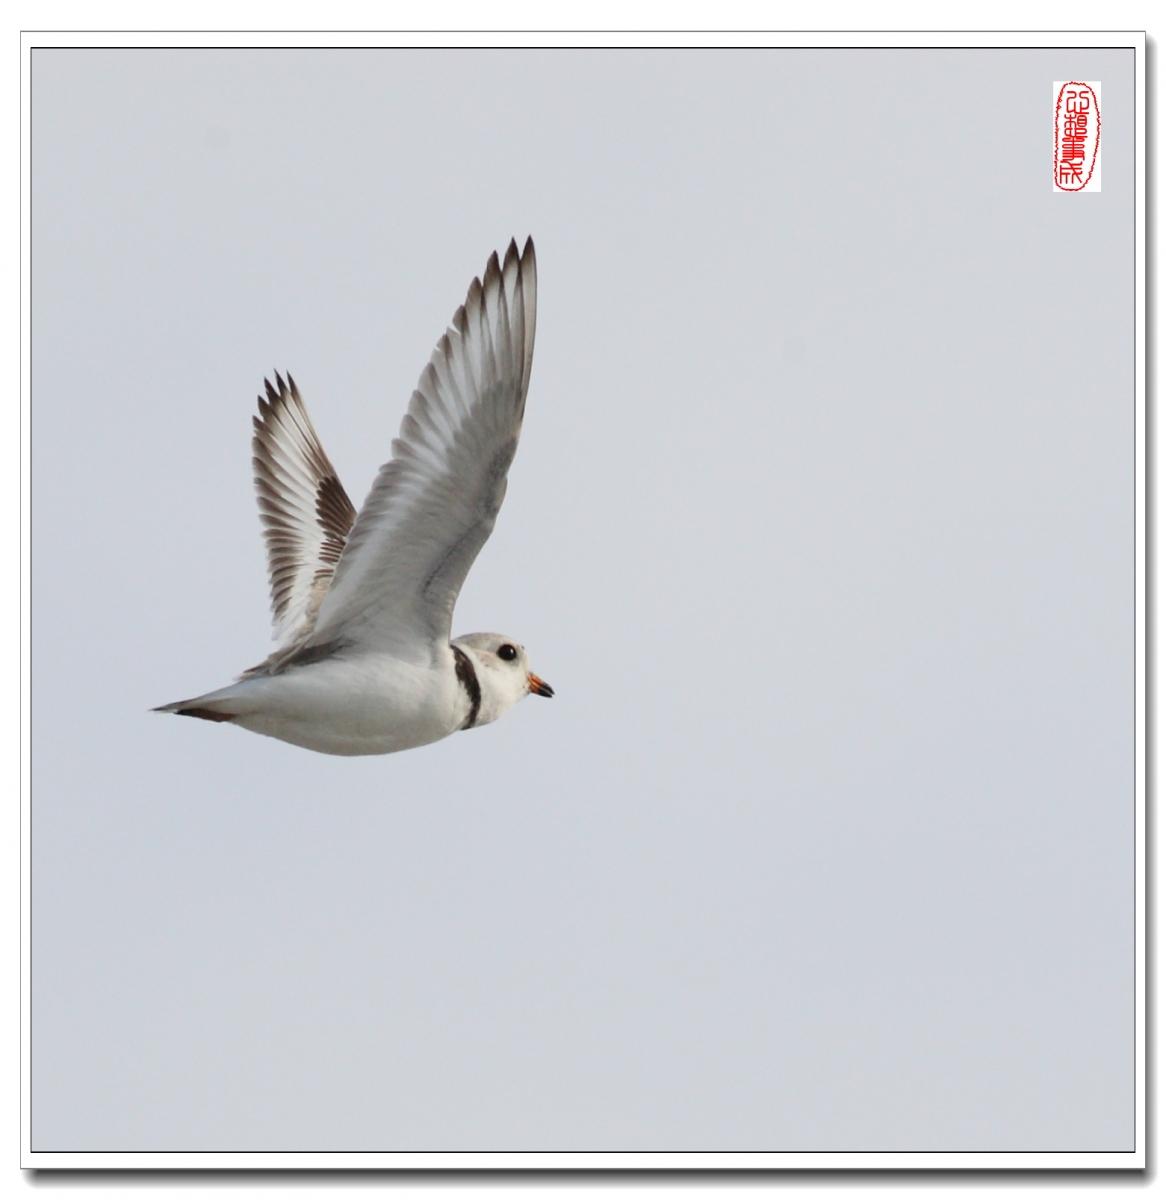 【心想事成】 飞鸟随拍图之二_图1-8